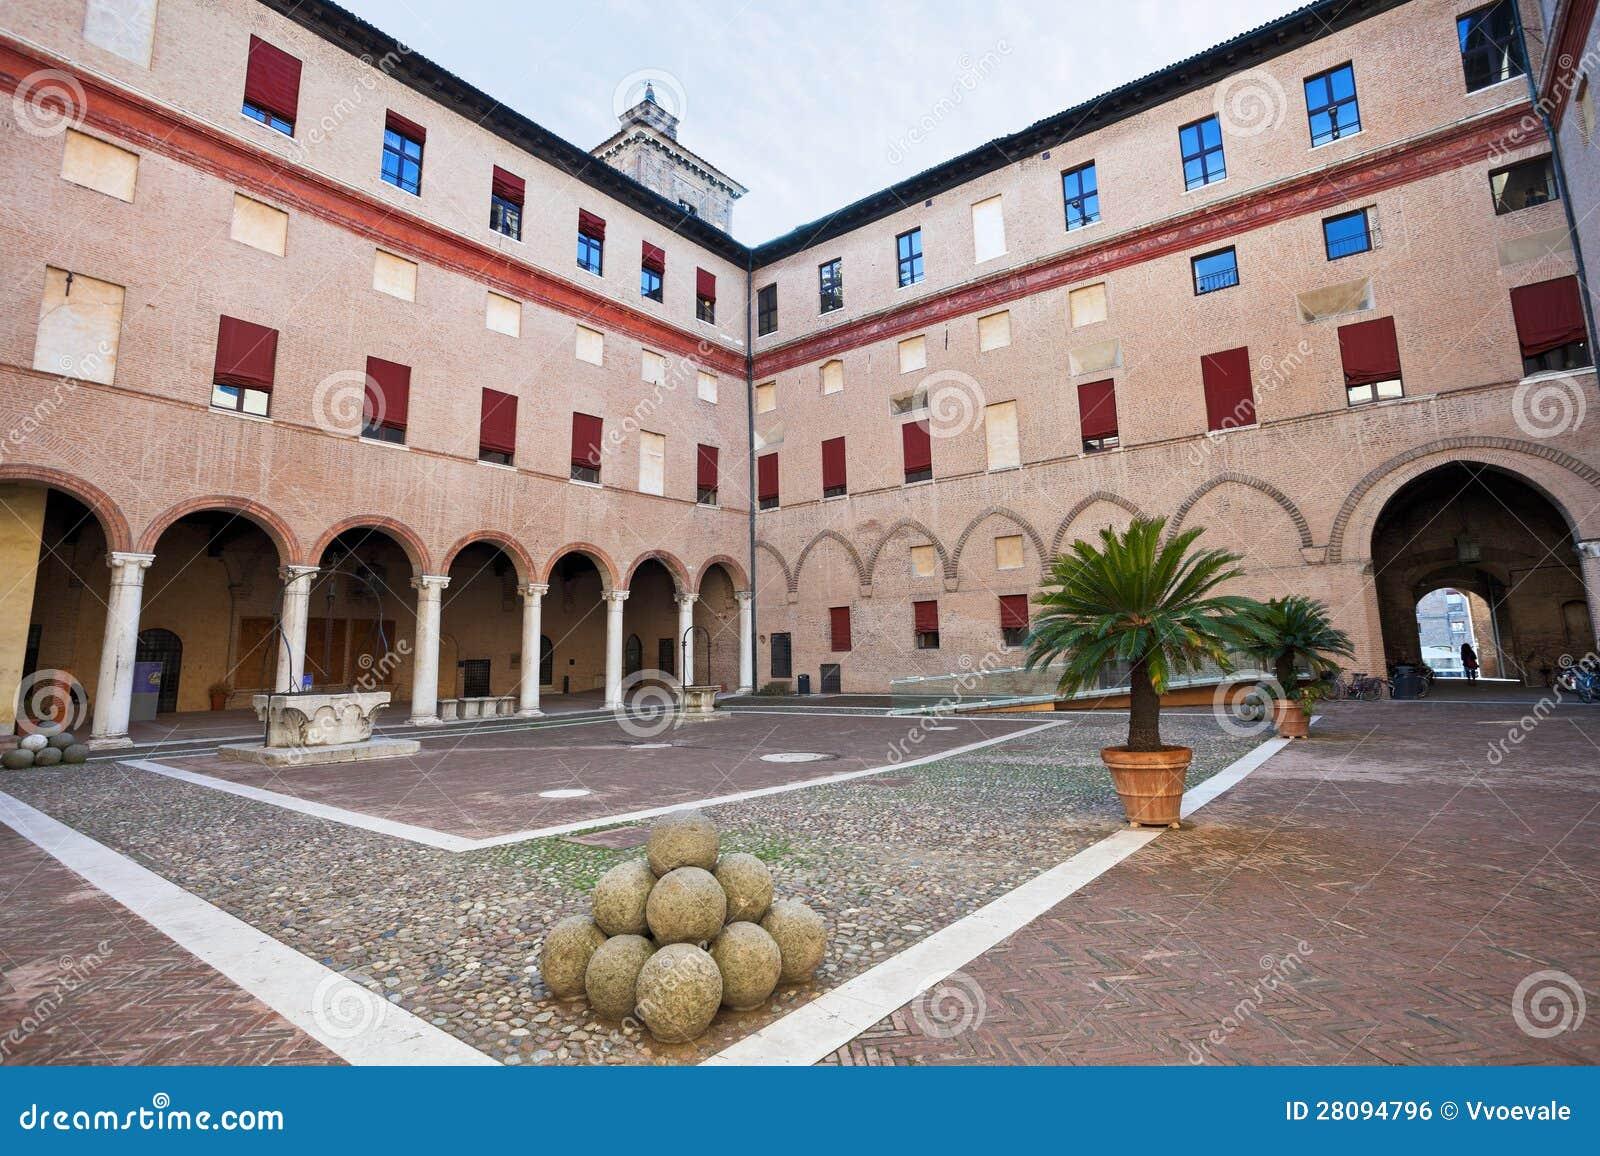 Cortile interno del castello estense a ferrara fotografia for Software free progettazione interni